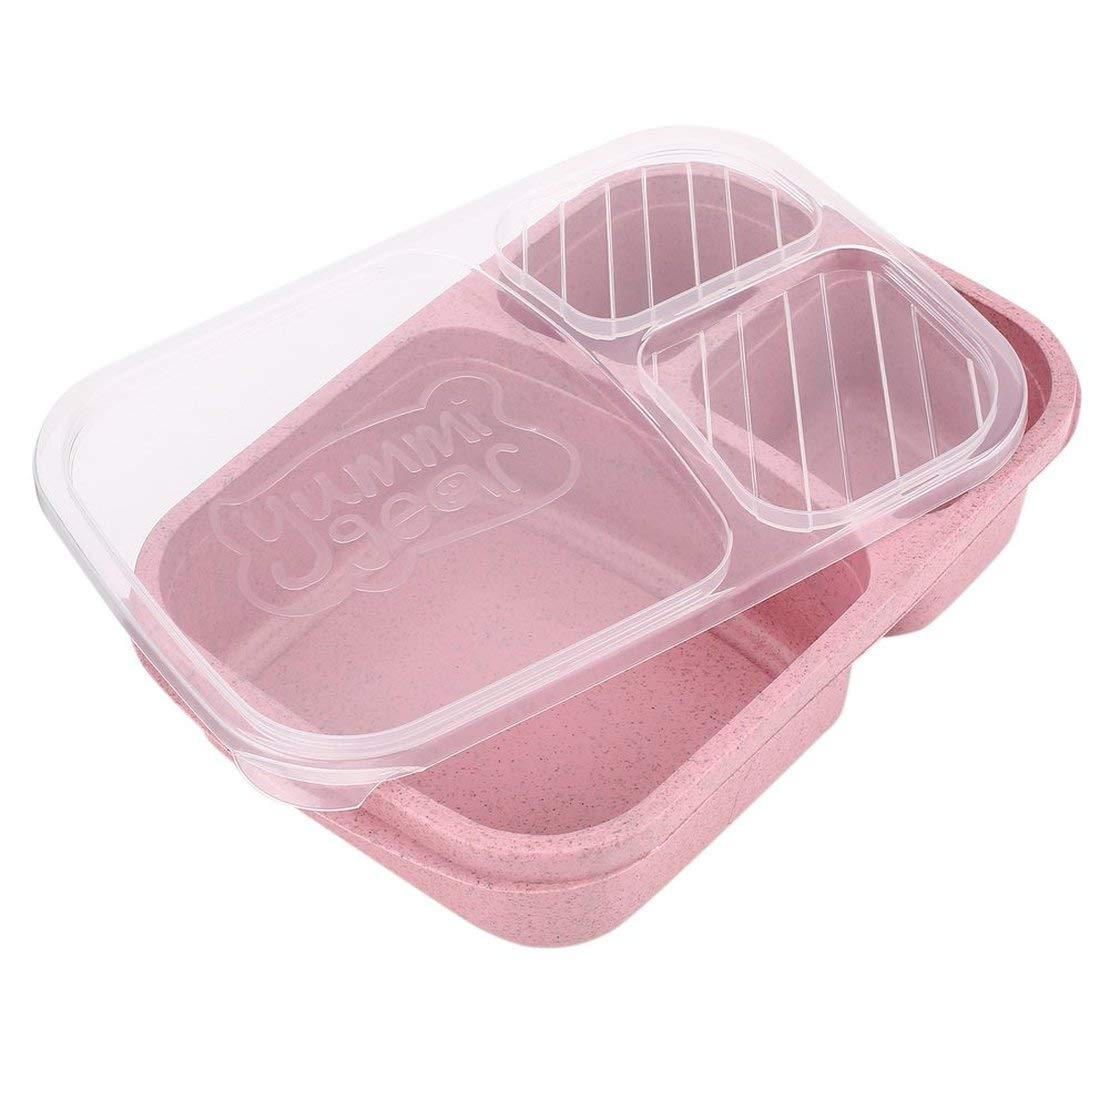 Bento Box di paglia di grano 3 griglie con coperchio contenitore per alimenti a microonde contenitore di conservazione biodegradabile Lunch Bento Box Set di stoviglie BlackPJenny